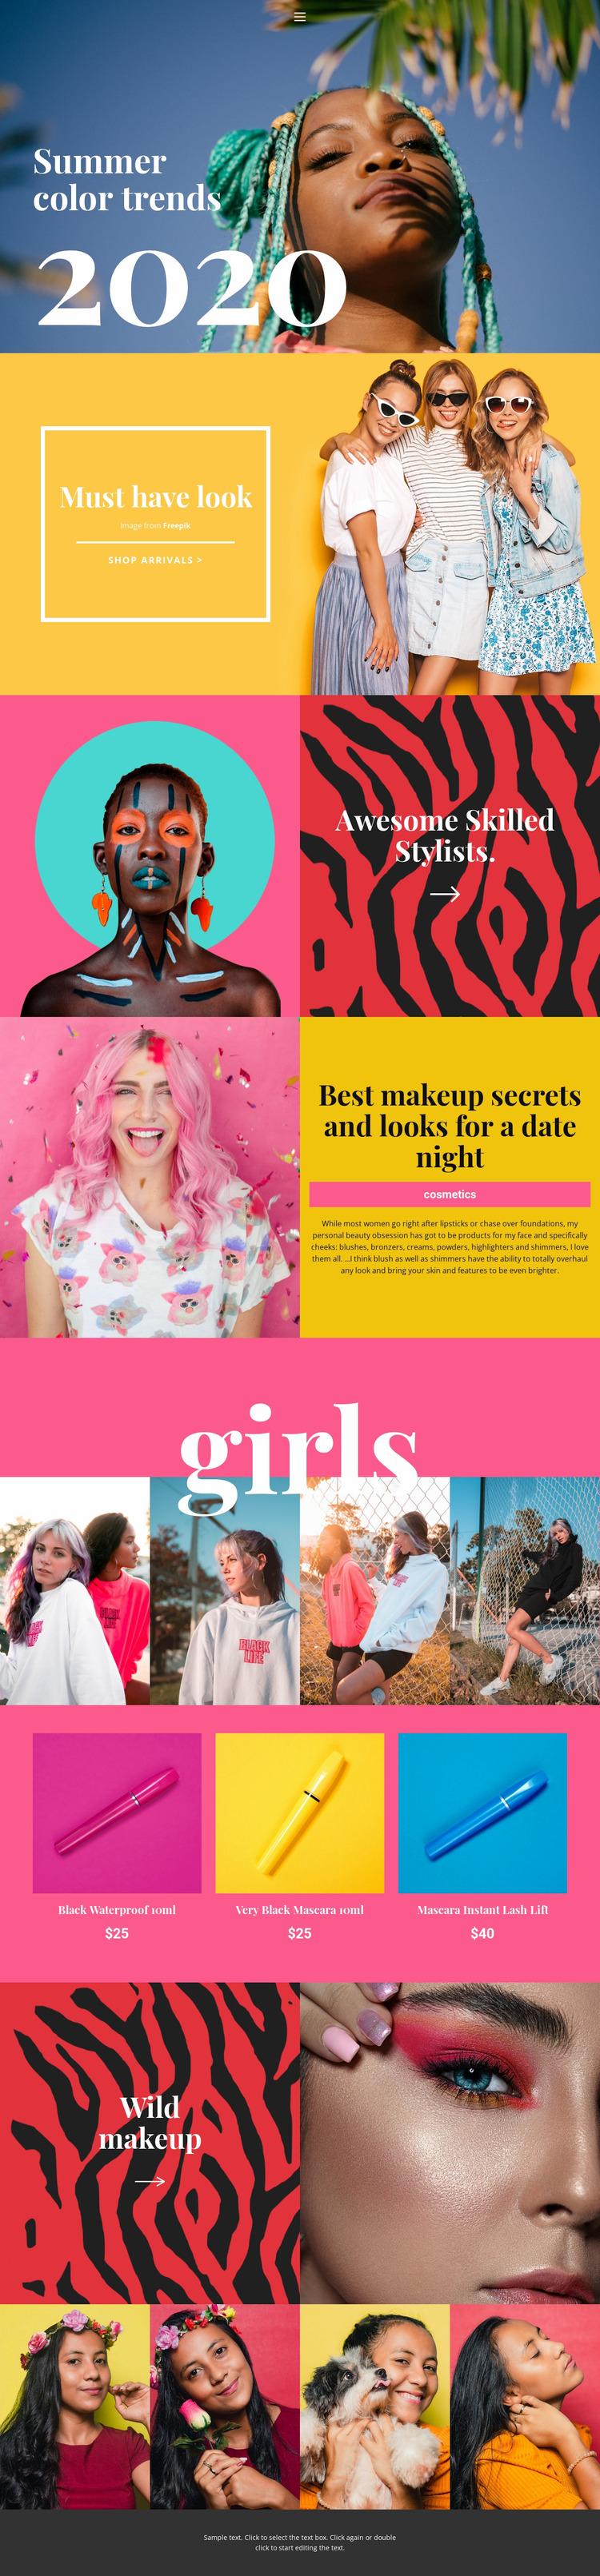 Beauty trends info WordPress Website Builder